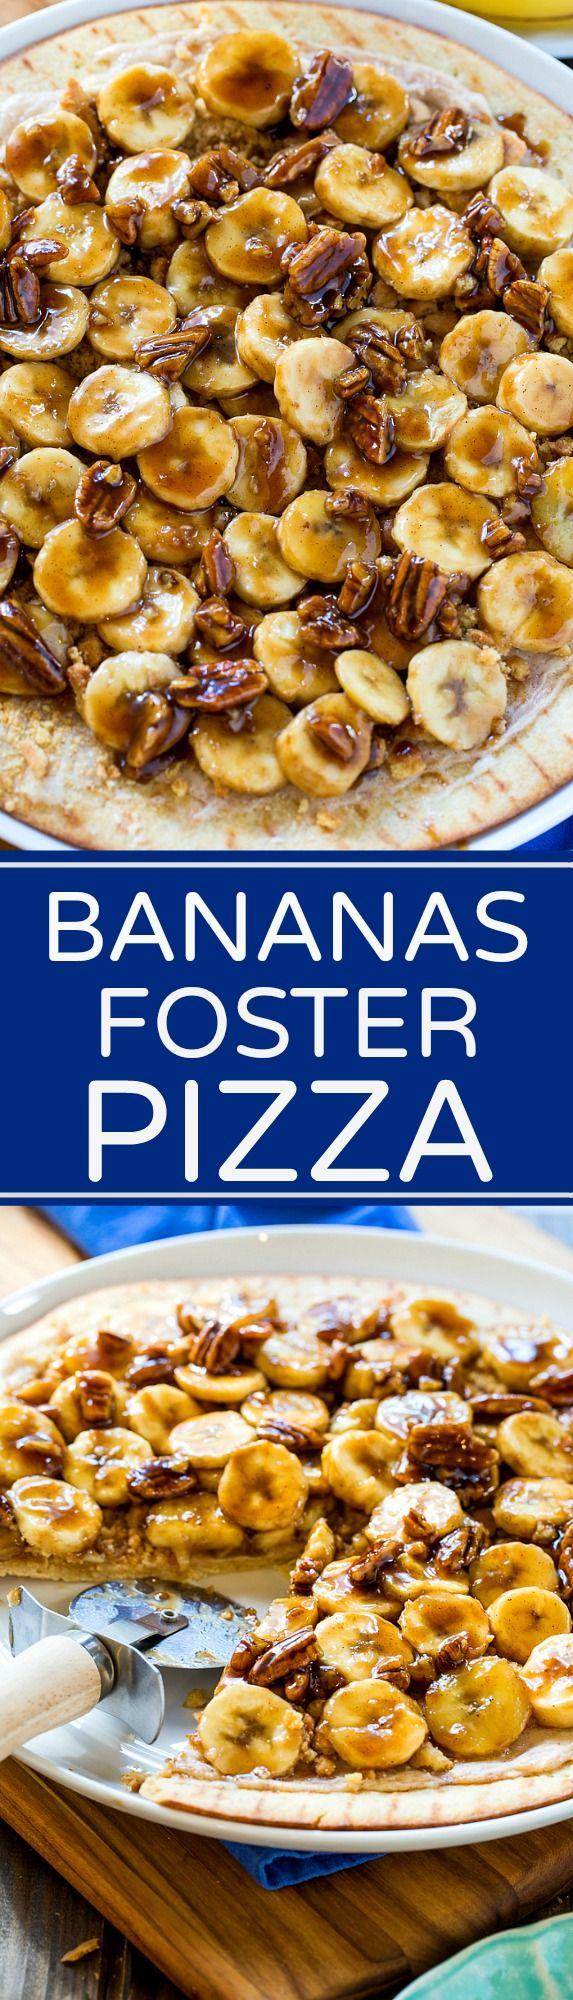 Bananas Foster Dessert Pizza makes a great Mardi Gras dessert.